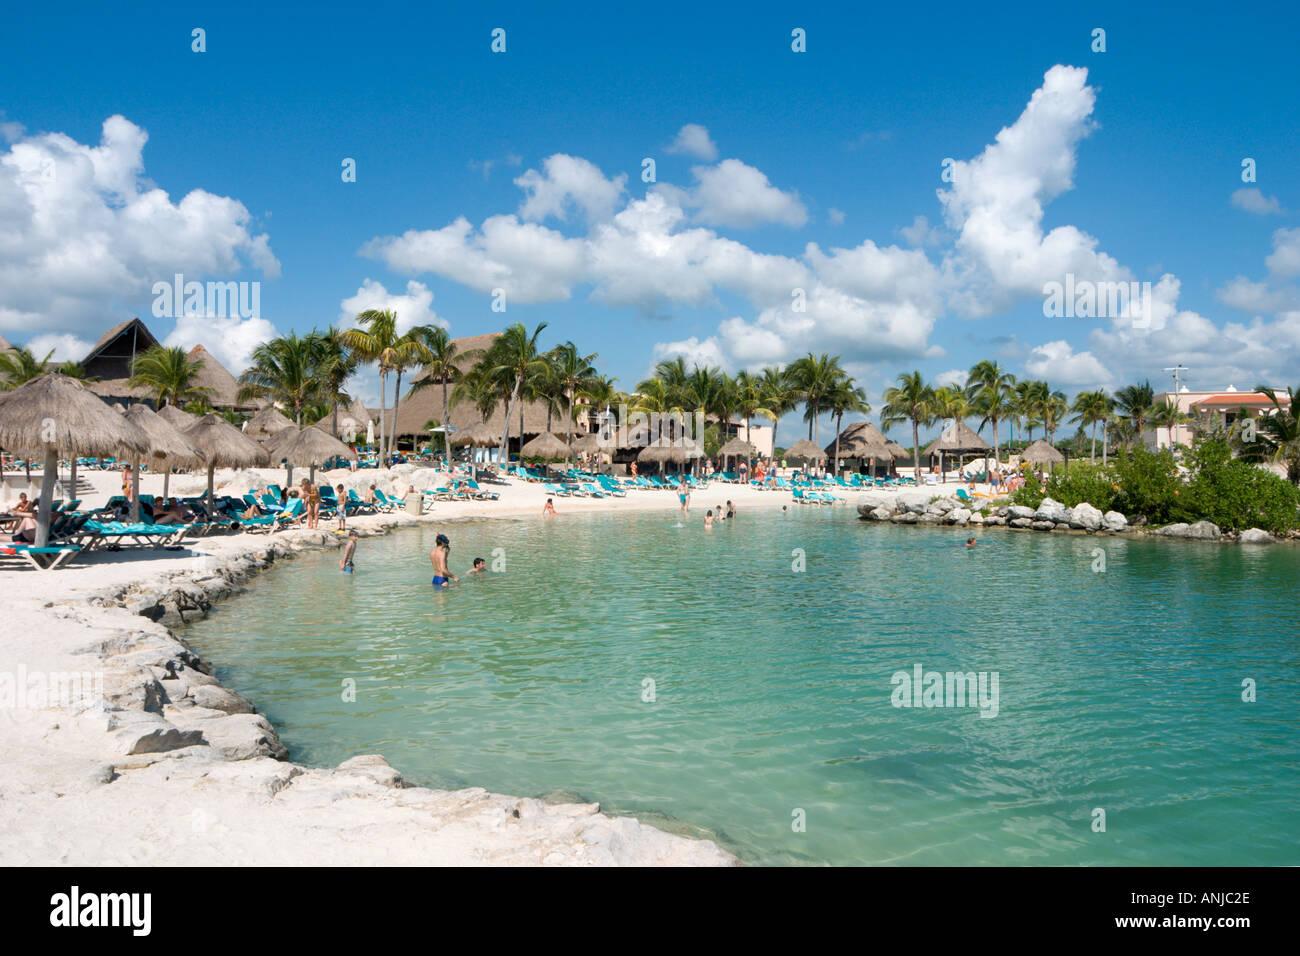 Playa en las afueras del Hotel Catalonia Riviera Maya, Puerto Aventuras, Riviera Maya, la Península de Yucatán, México Imagen De Stock